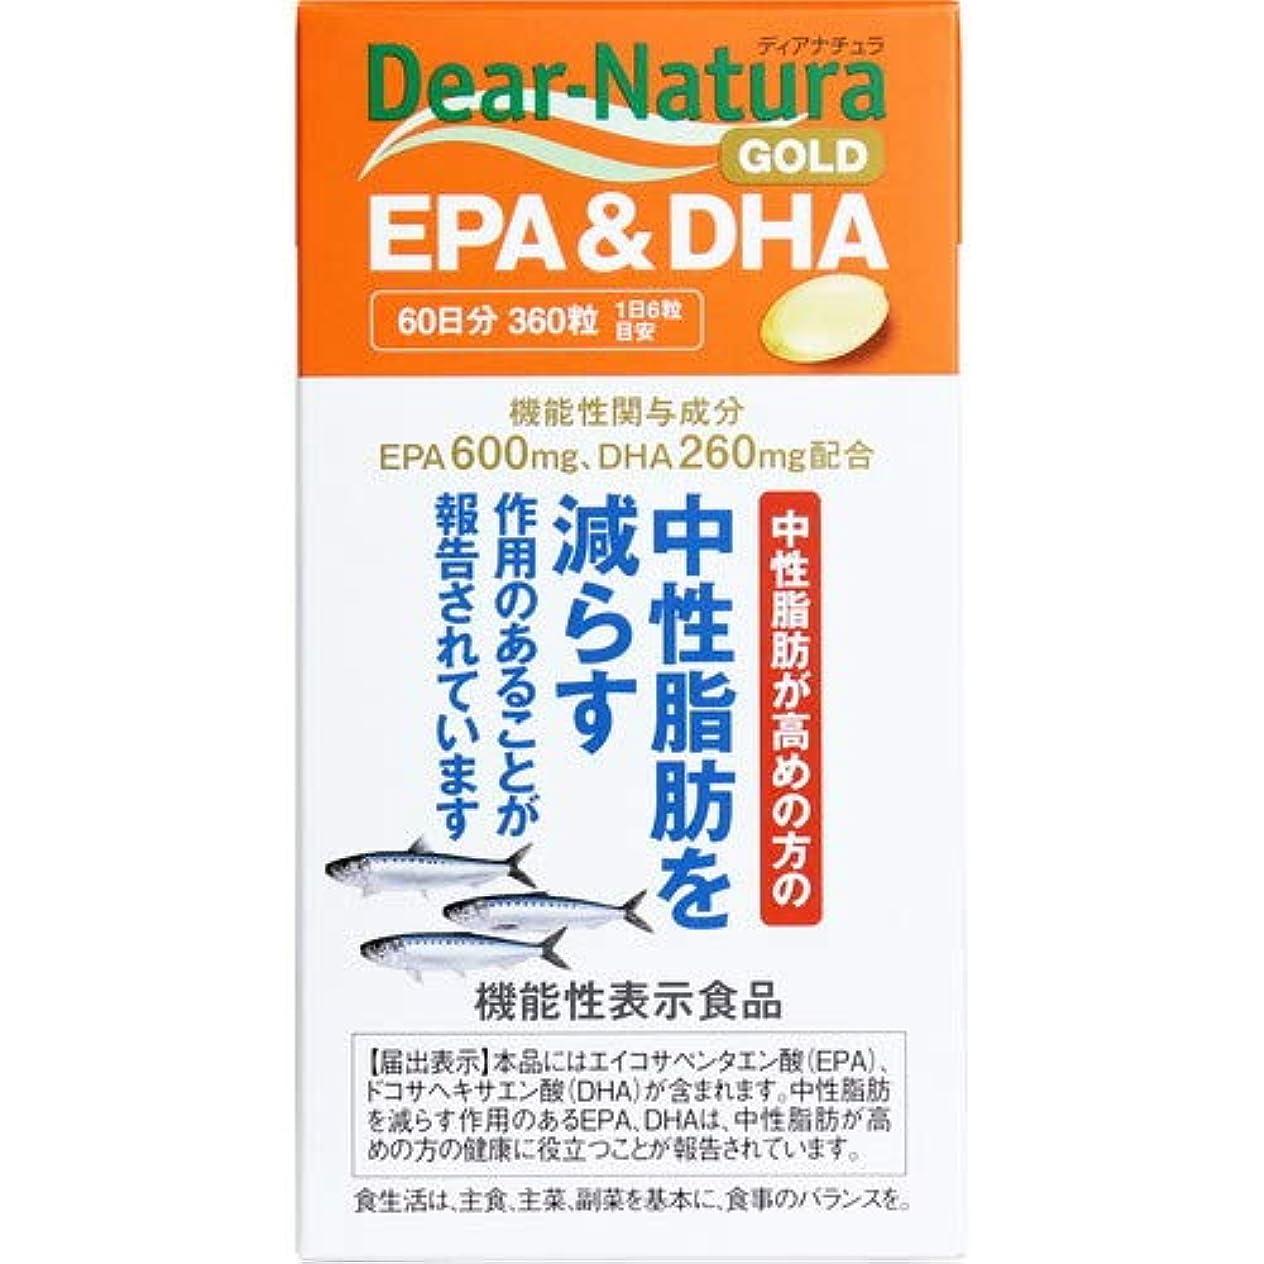 さわやかハイブリッド返還ディアナチュラゴールド EPA&DHA 60日分 360粒入